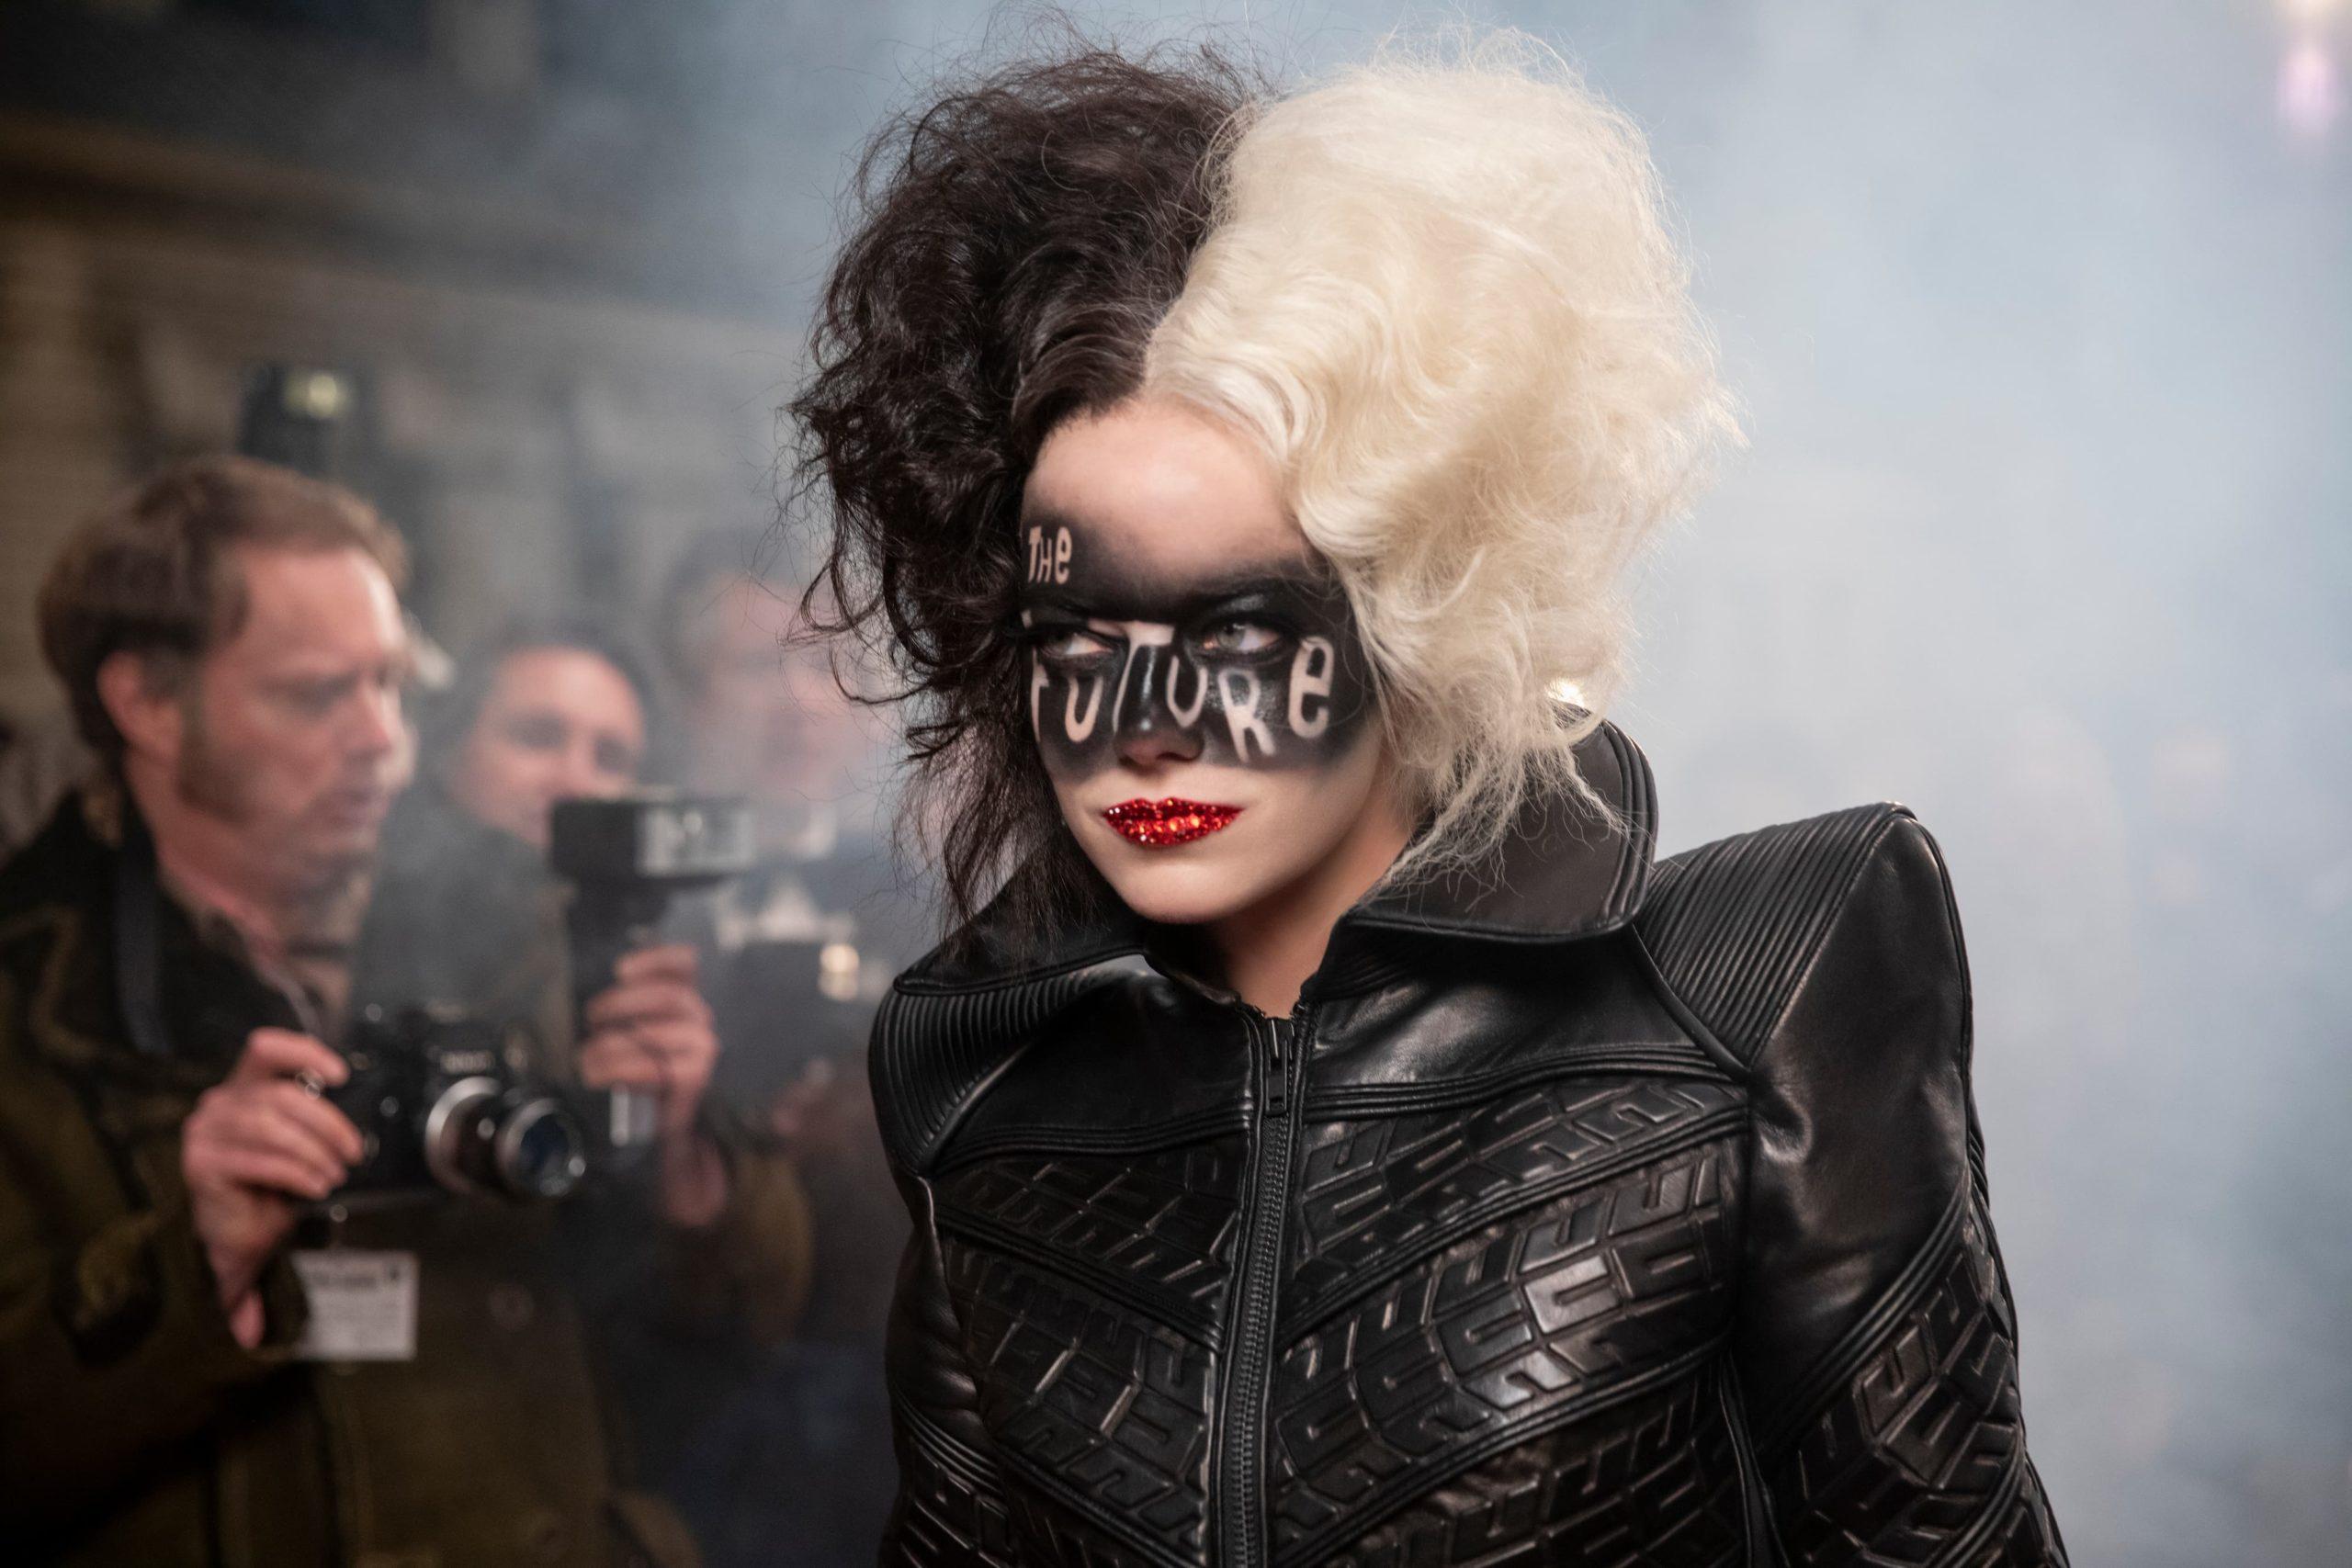 Cruella Movie Review: A True Villain Origin Story?